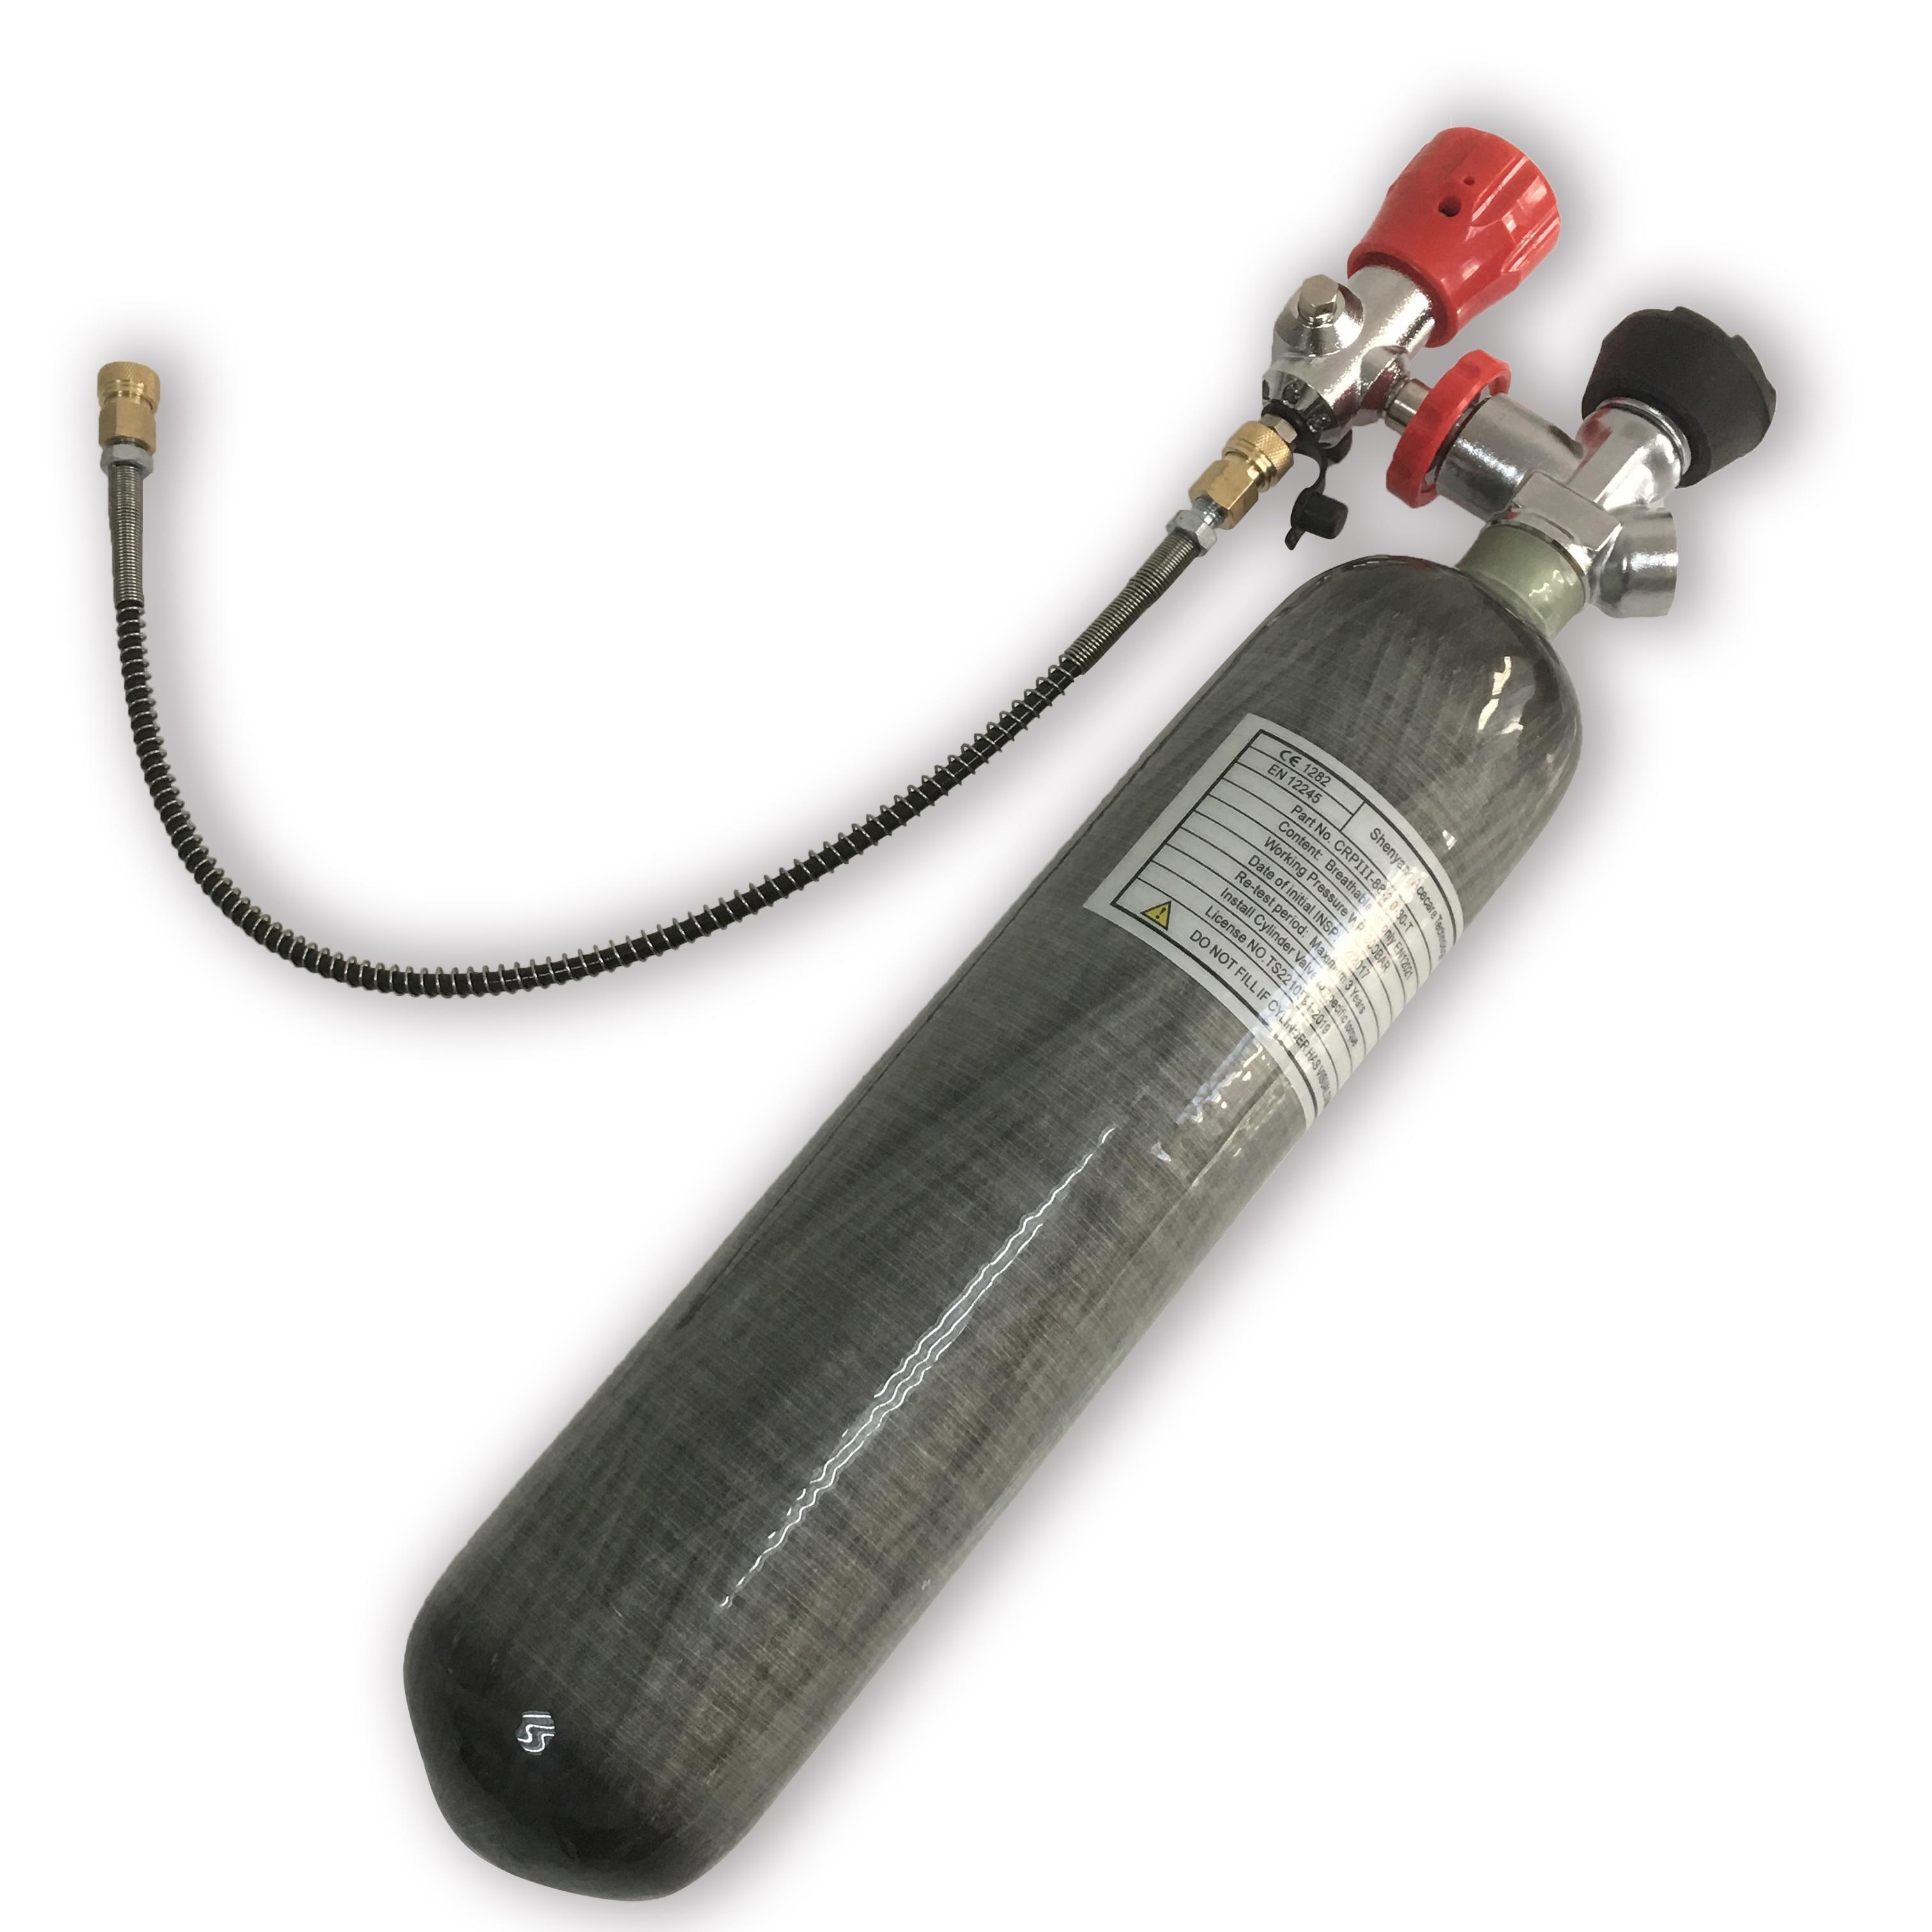 AC102101 Hpa Mini Scuba Diving 2L Air Rifle Gun Hunting Co2 Paintballing Pcp Condor Airgun Air Compressed Breathing Apparatus